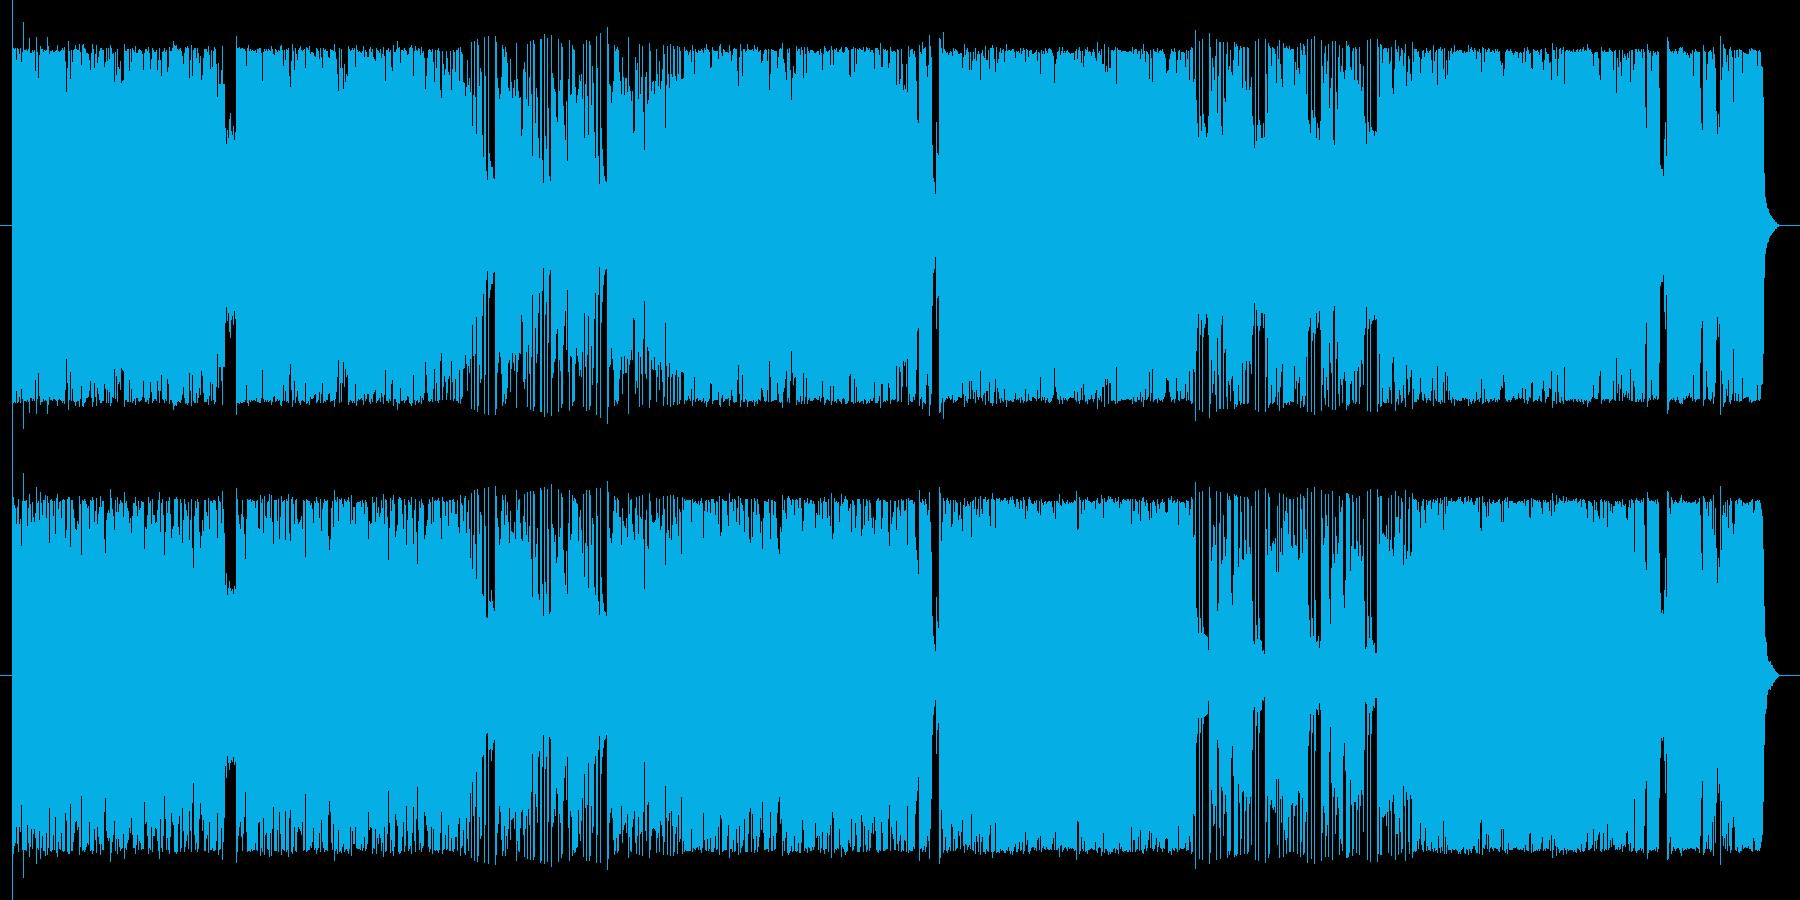 ダークかつワルい雰囲気のへヴィロックの再生済みの波形